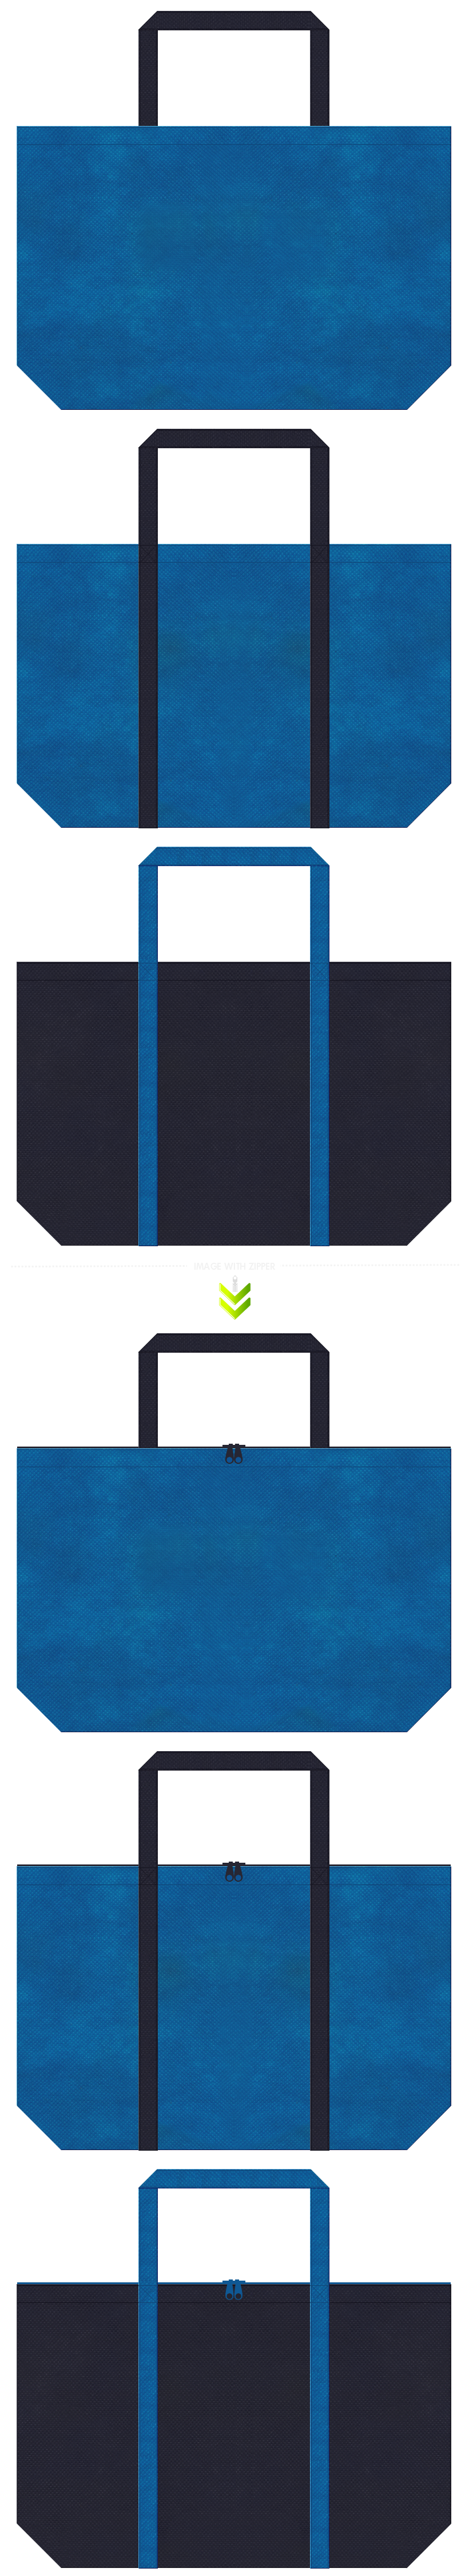 青色と濃紺色の不織布エコバッグのデザイン。濃紺メインでサブマリン、海底探検、深海魚のイメージに。